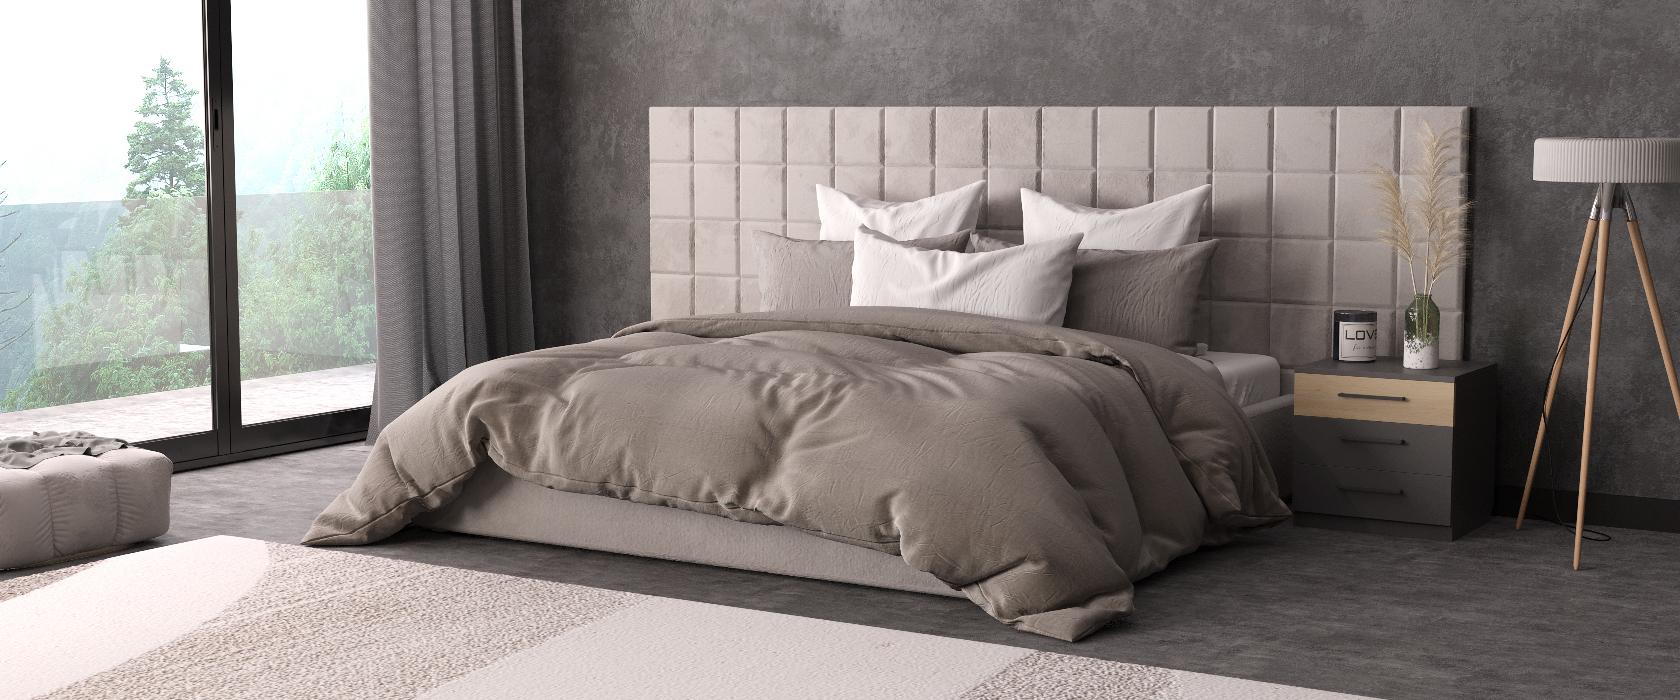 Кровать Piazza Plus со стеновыми панелями - Фото 2 - Pufetto